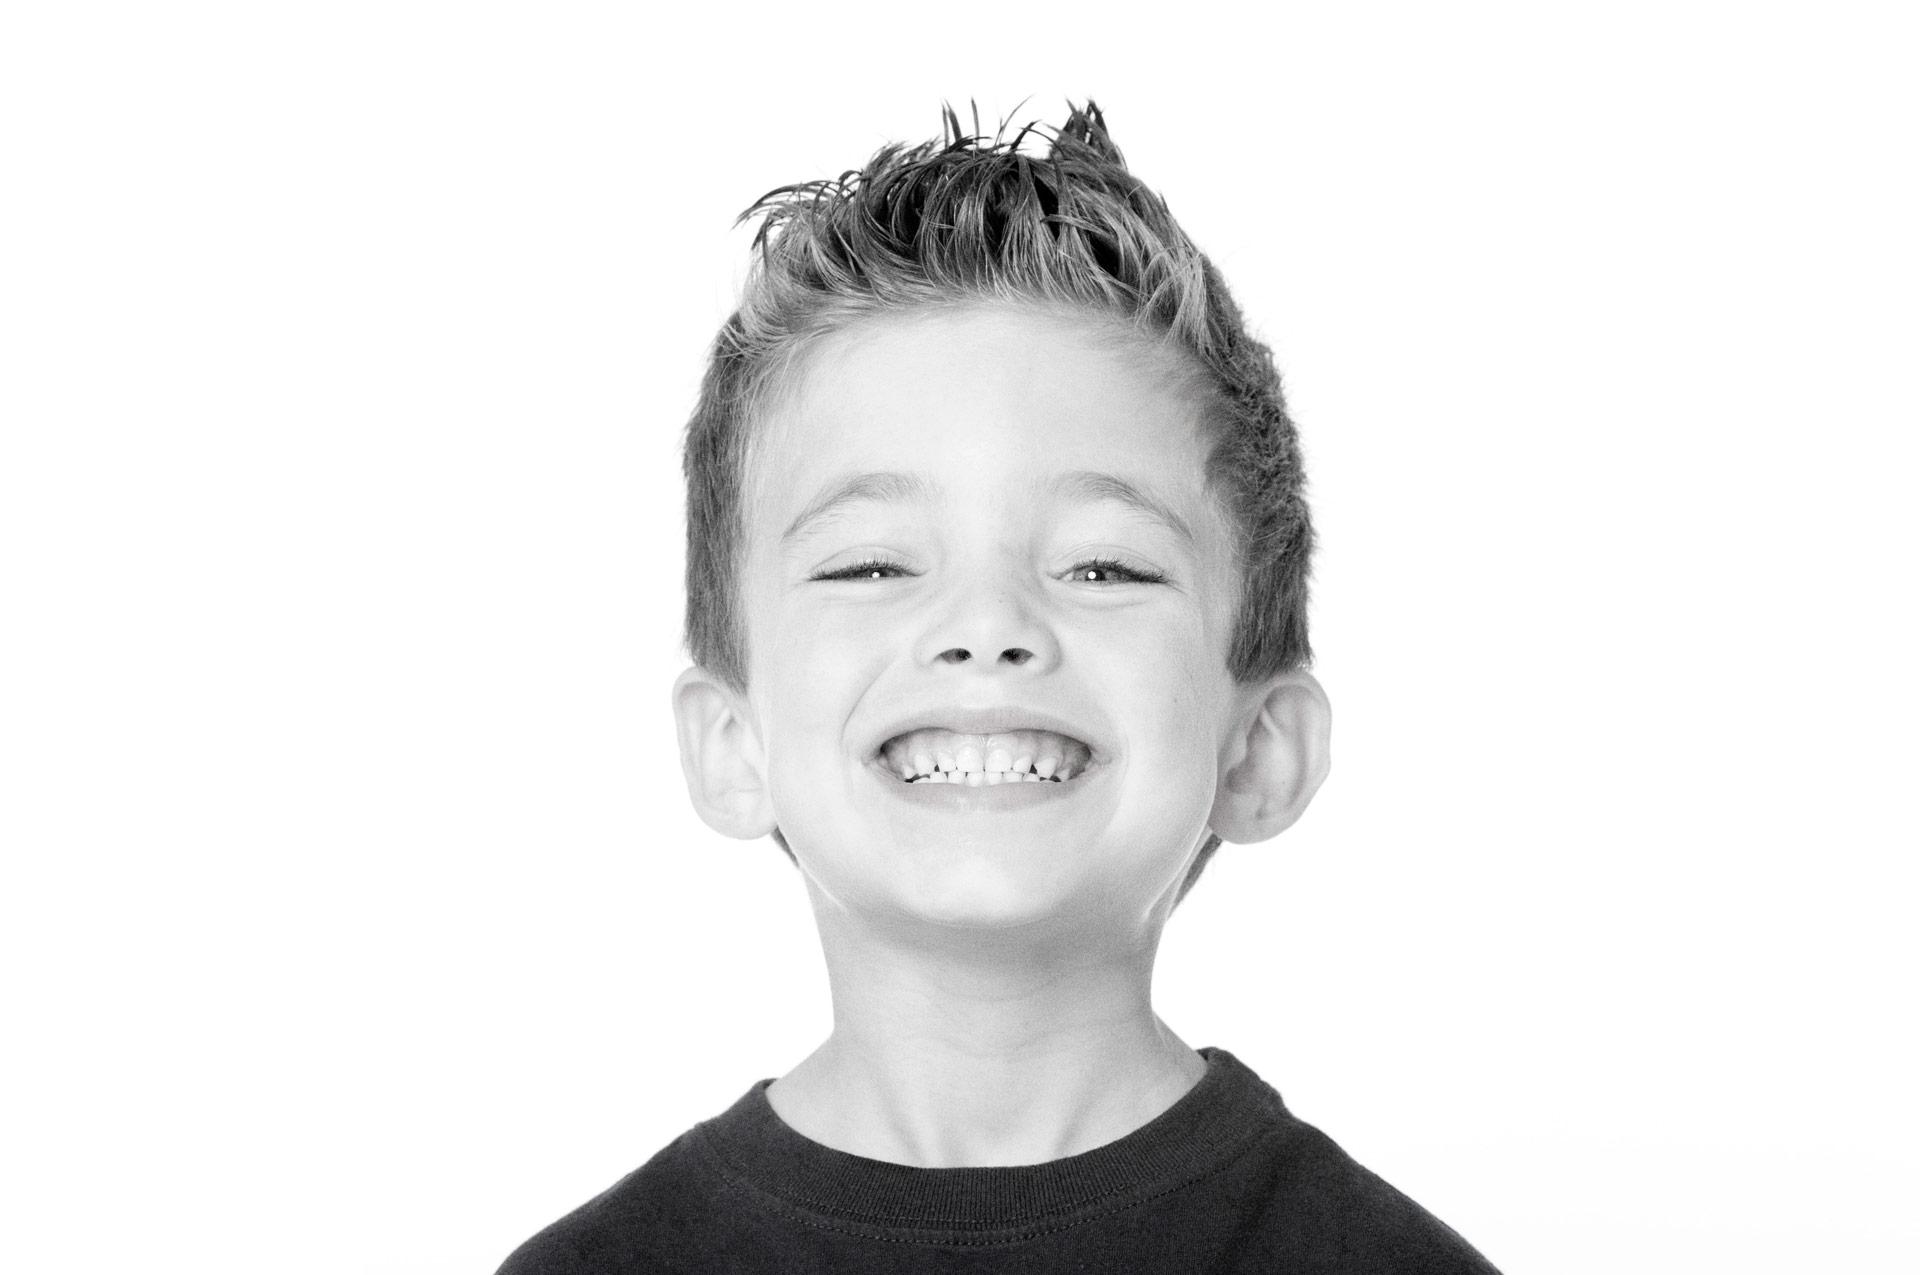 Con la salud dental de los niños no se juega, se previene